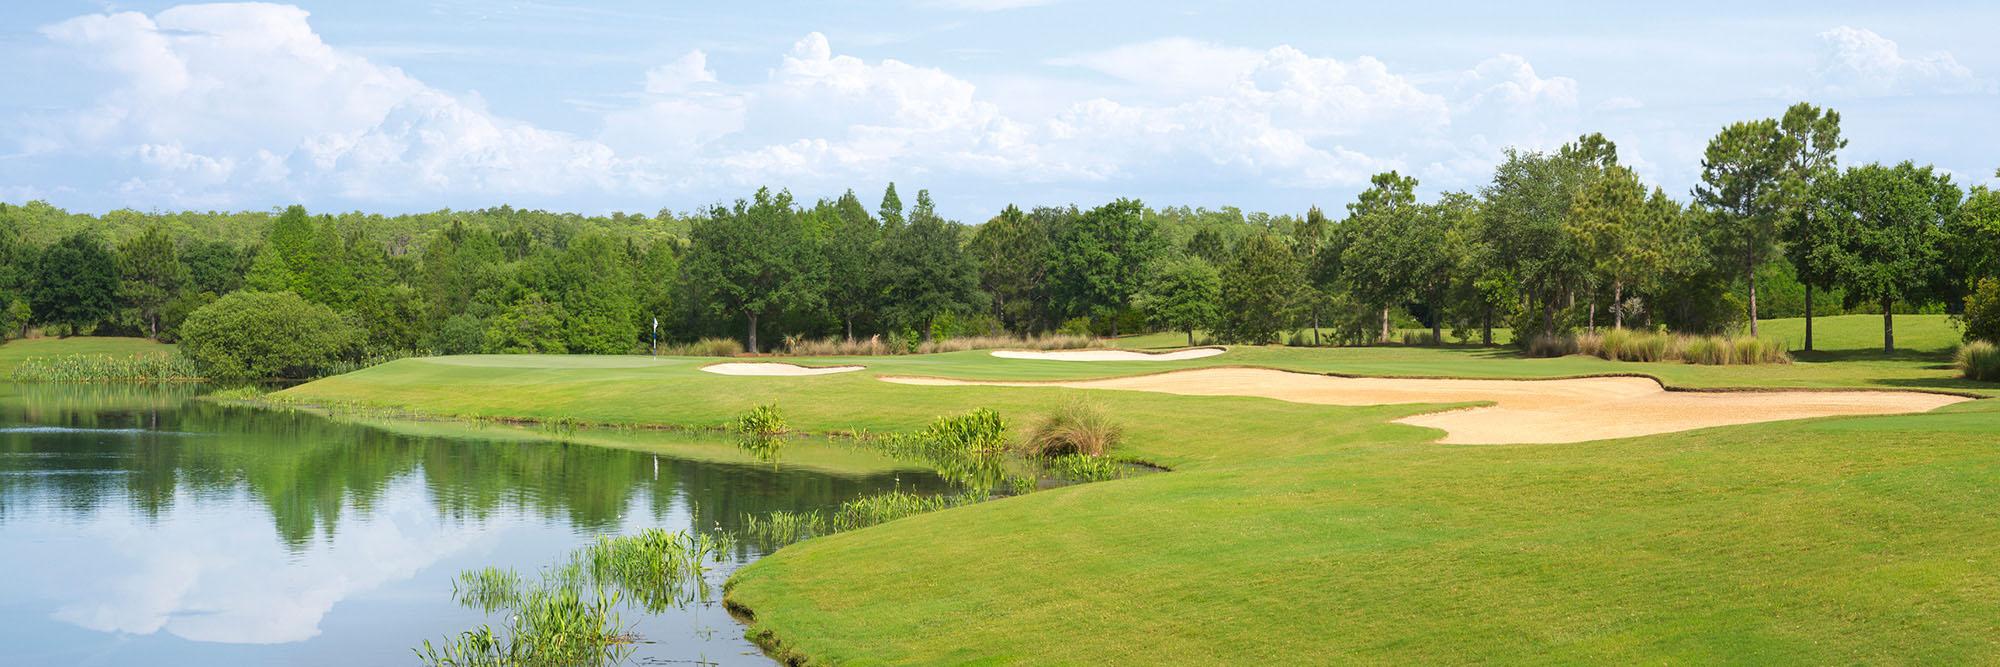 Golf Course Image - Ritz-Carlton Orlando No. 17